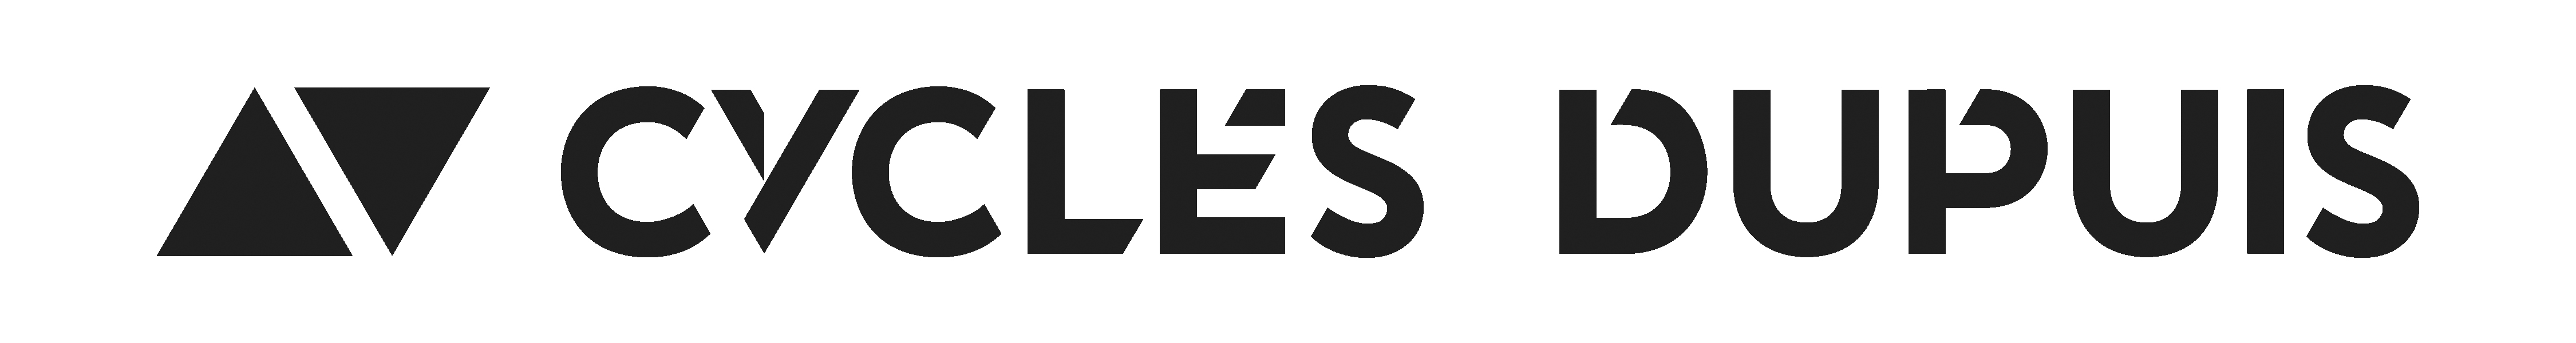 CYCLES DUPUIS